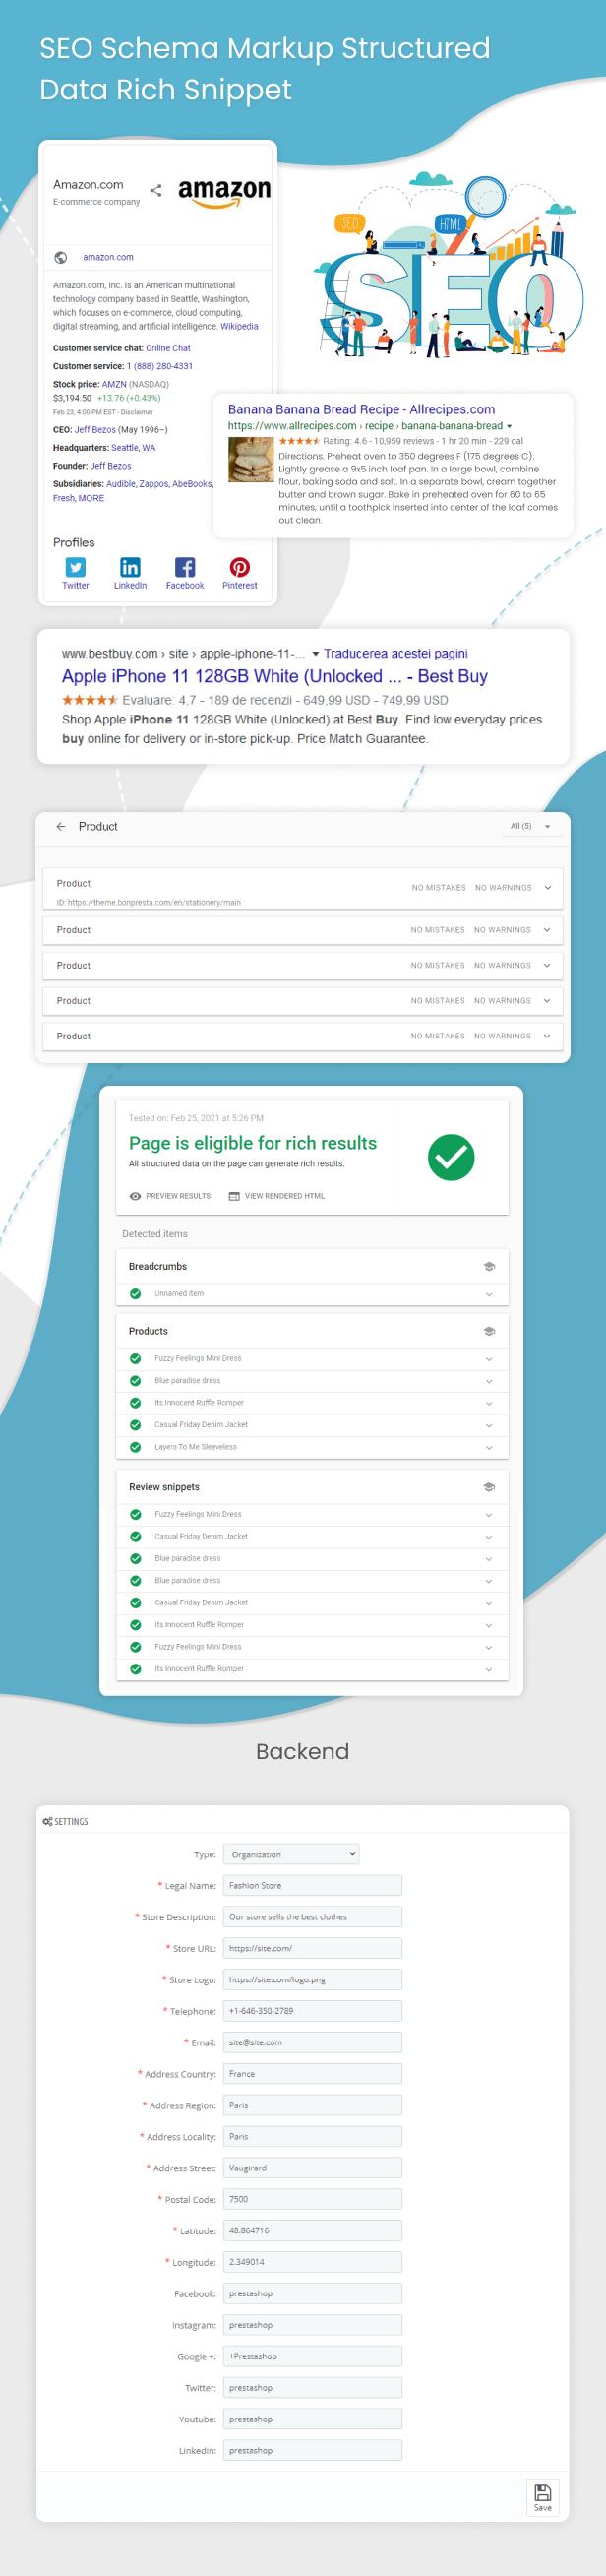 Prestashop SEO Schema Markup Structured Data Rich Snippet